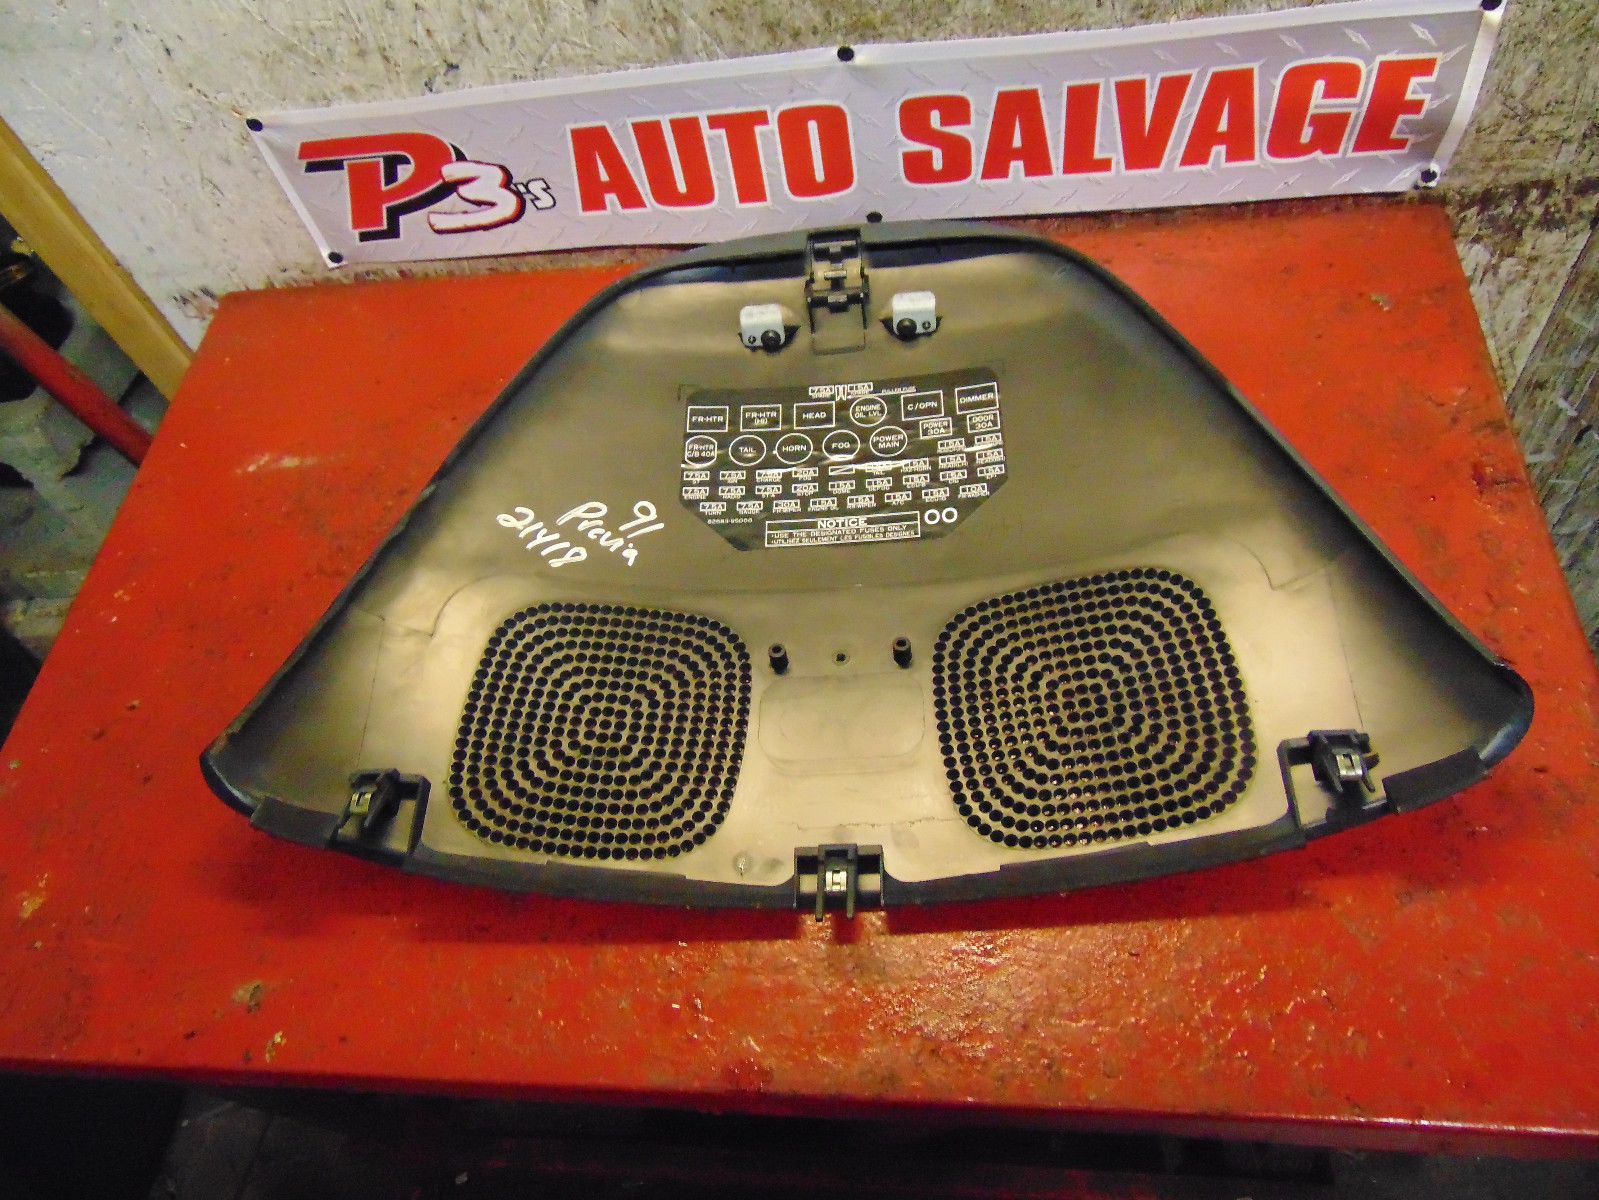 93 92 91 toyota previa dash board fuse box access panel & speaker cover lid